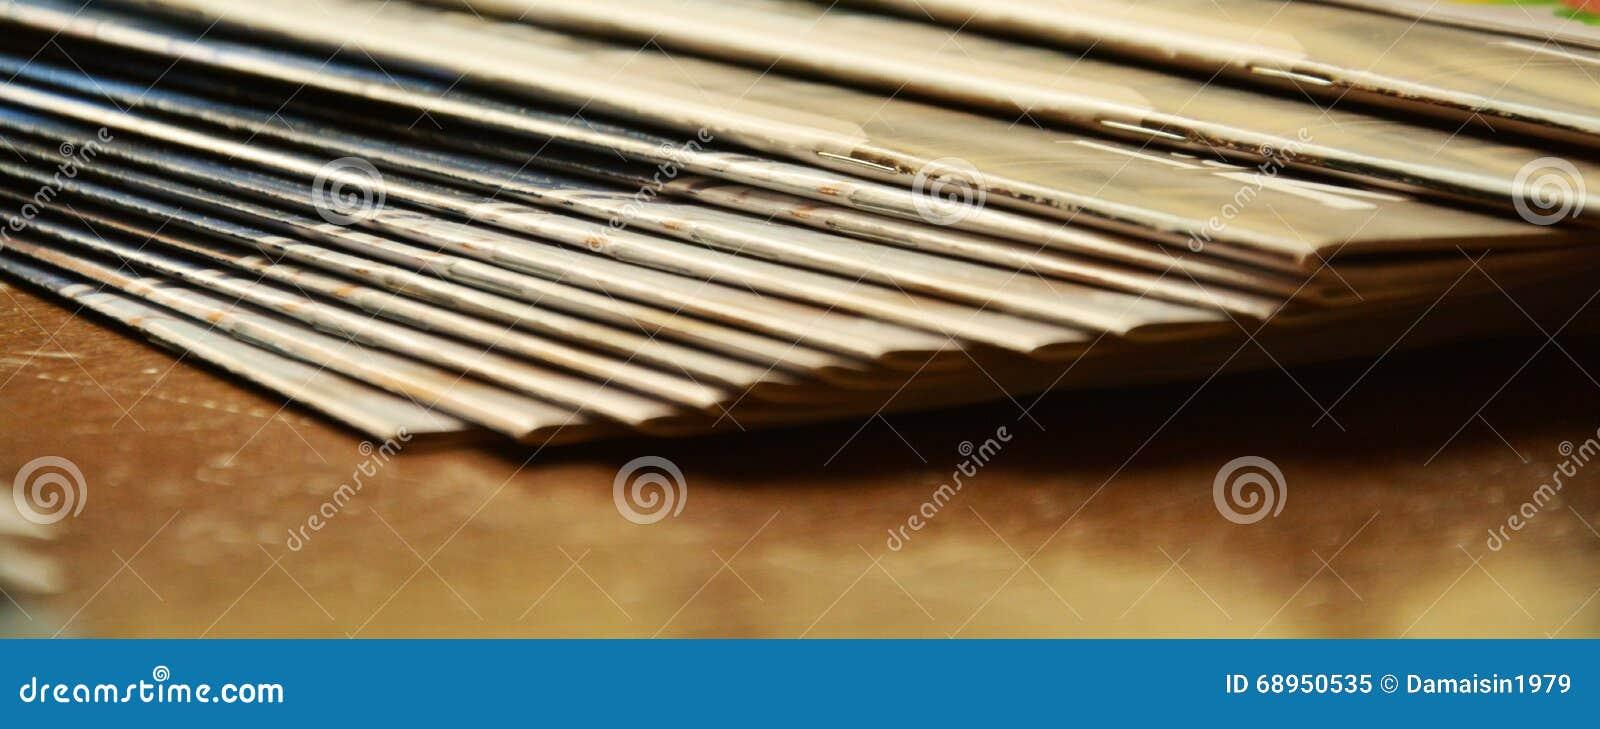 Περιοδικά, ράφι και εκλεκτής ποιότητας χρώματα